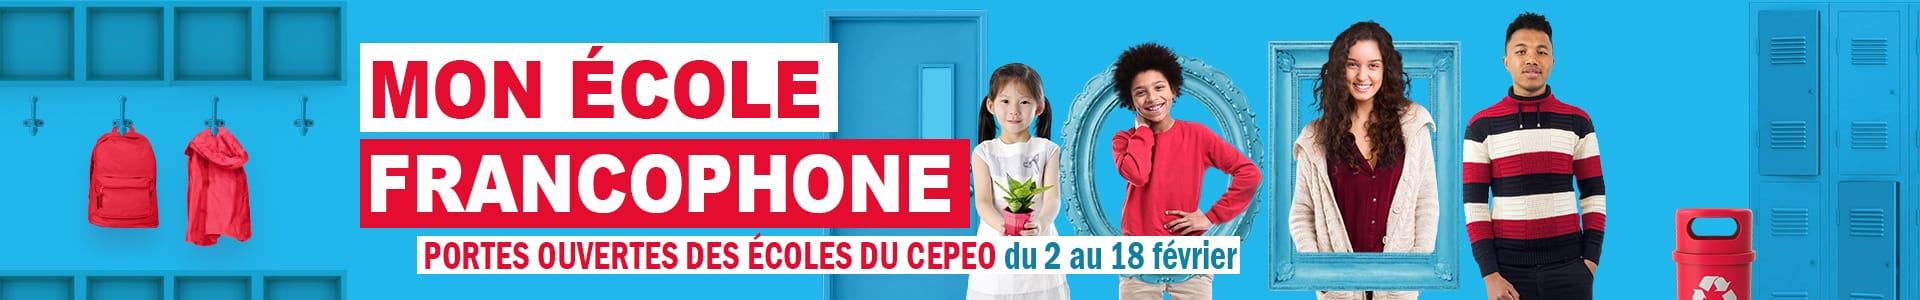 Cliquer ici pour rejoindre la page des portes ouvertes du CEPEO